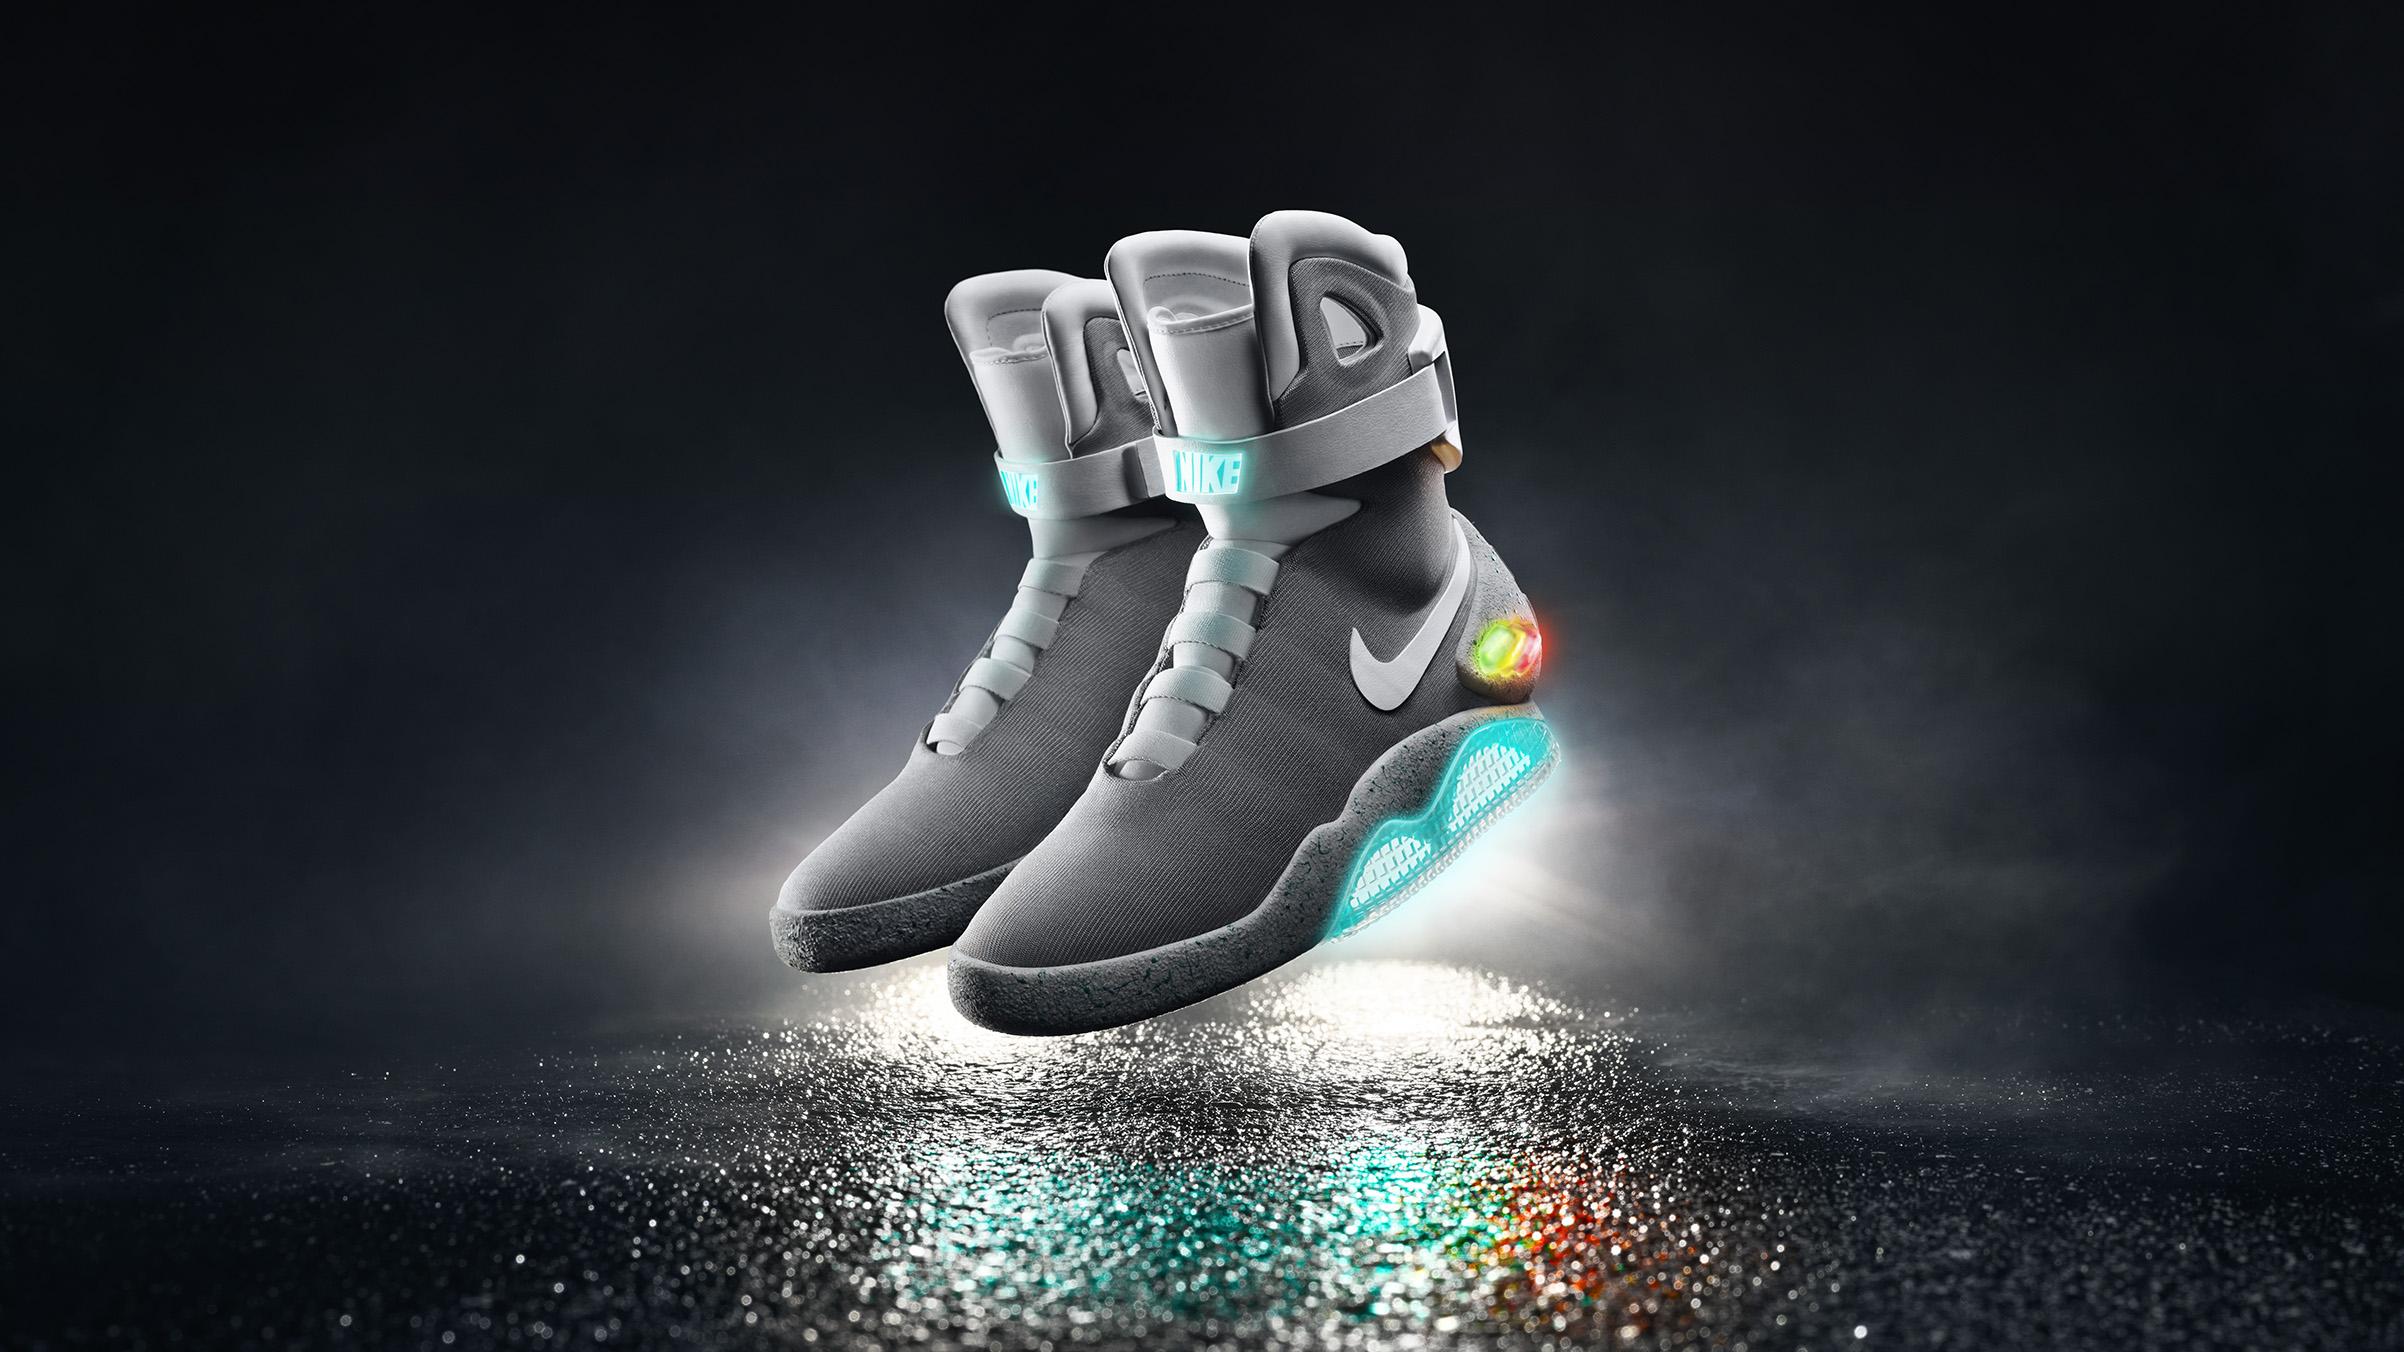 Nike shoe